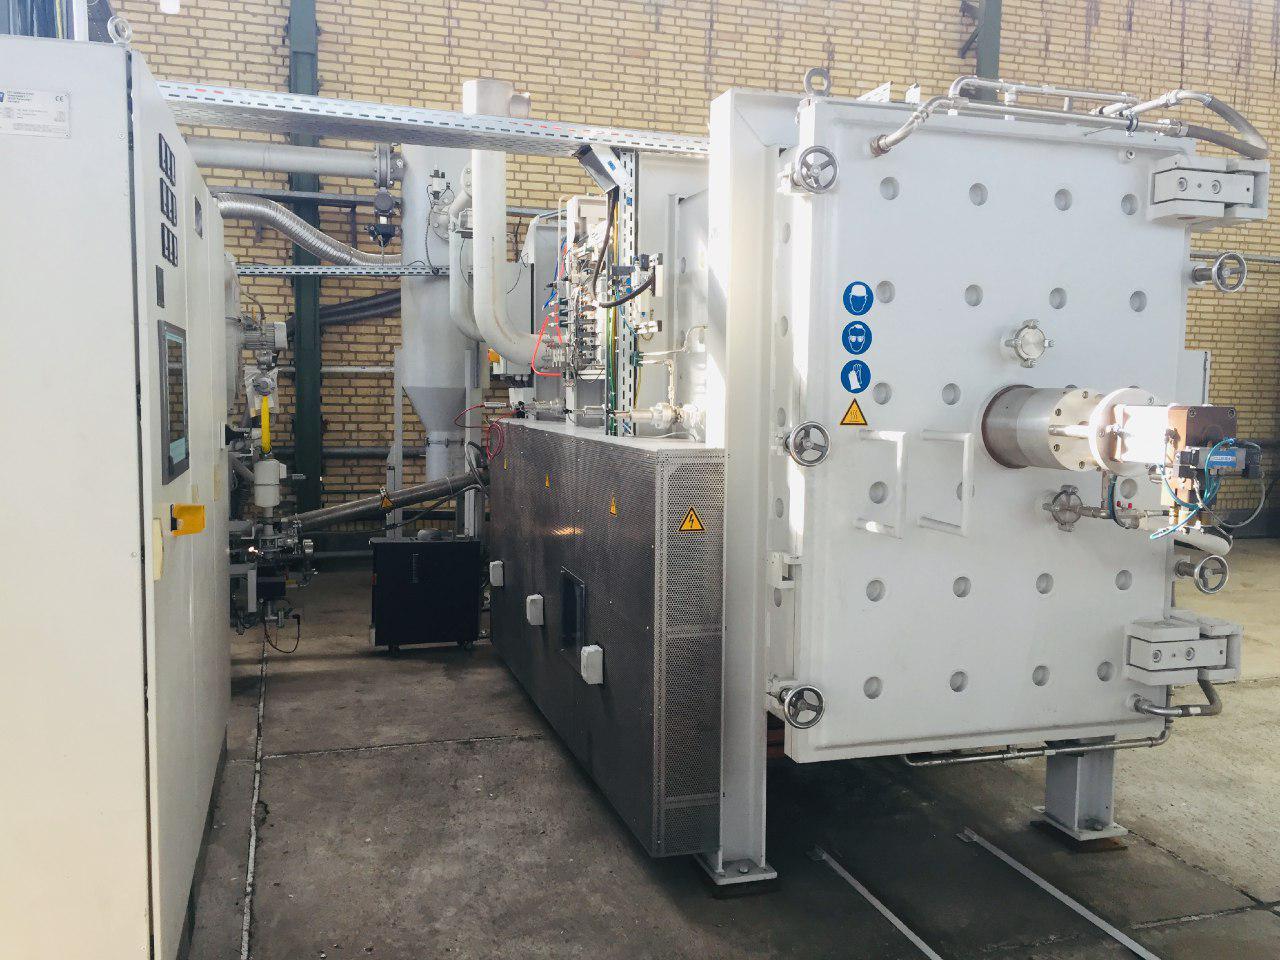 کوره خلا با قابلیت پخت سرامیک های صنعتی پیشرفته SIC تا دمای 2000 درجه سانتیگراد